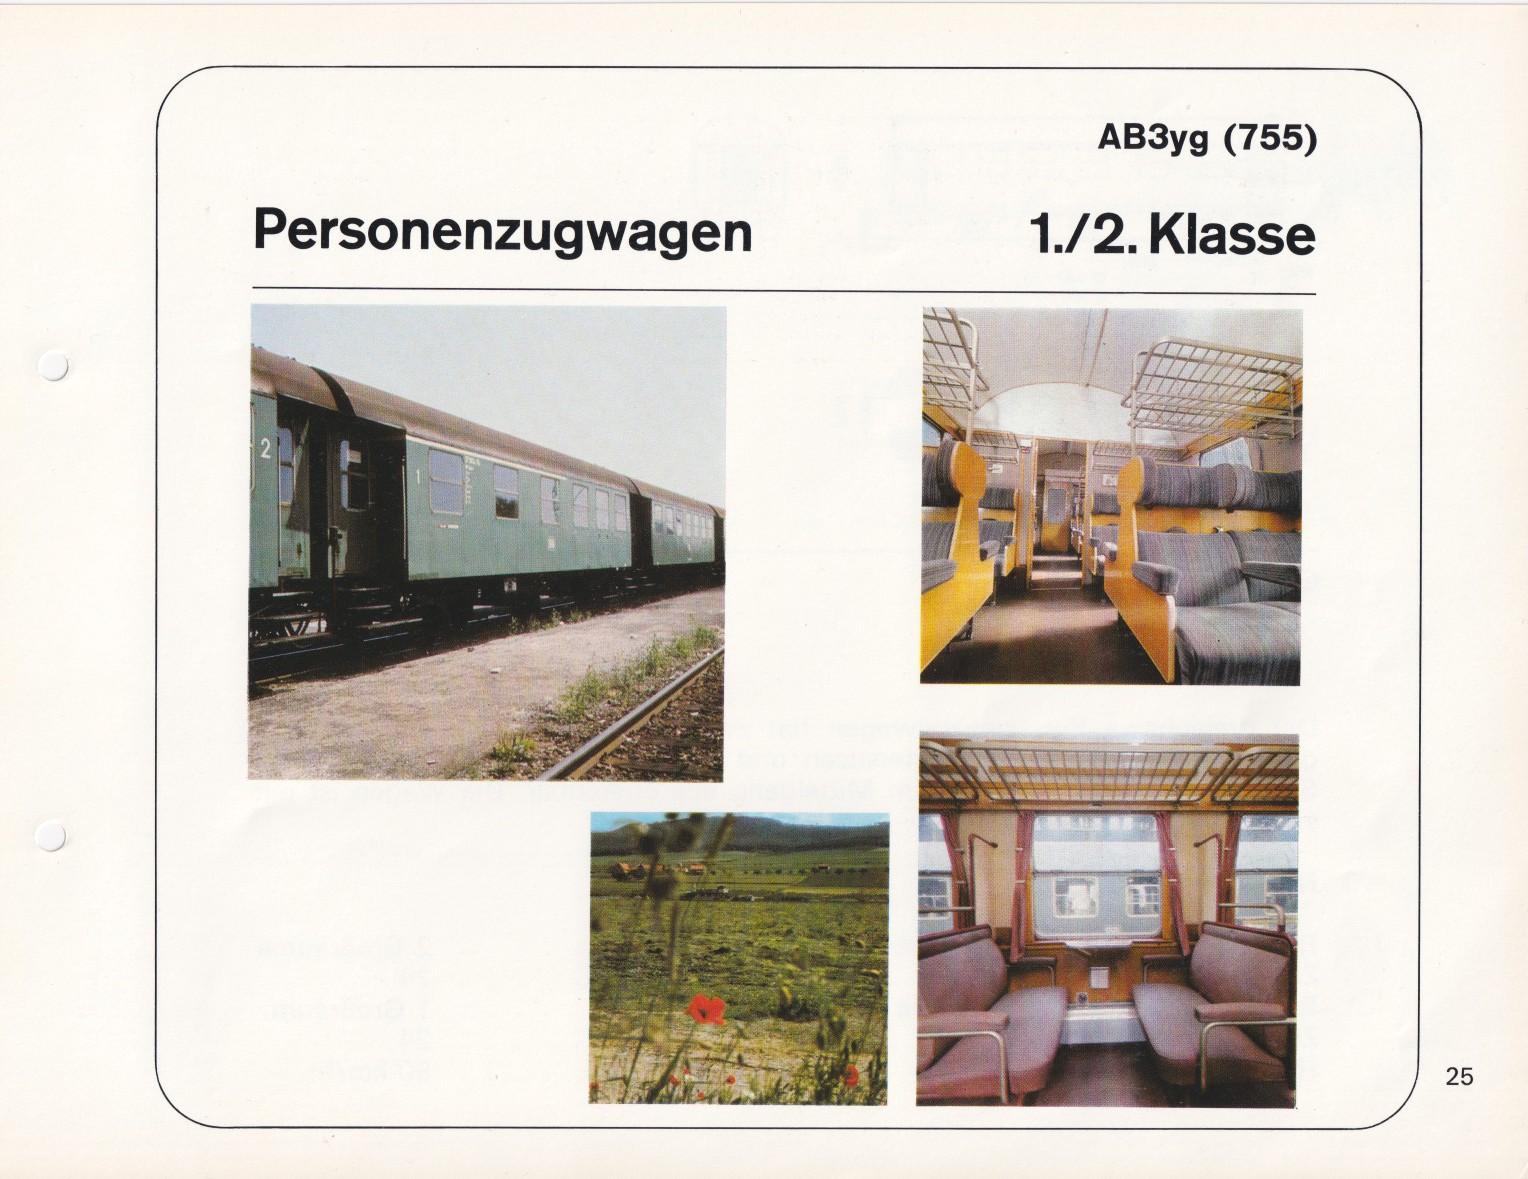 https://www.nullclub.de/hifo/Fahrzeuglexikon/Wagen25a.jpg